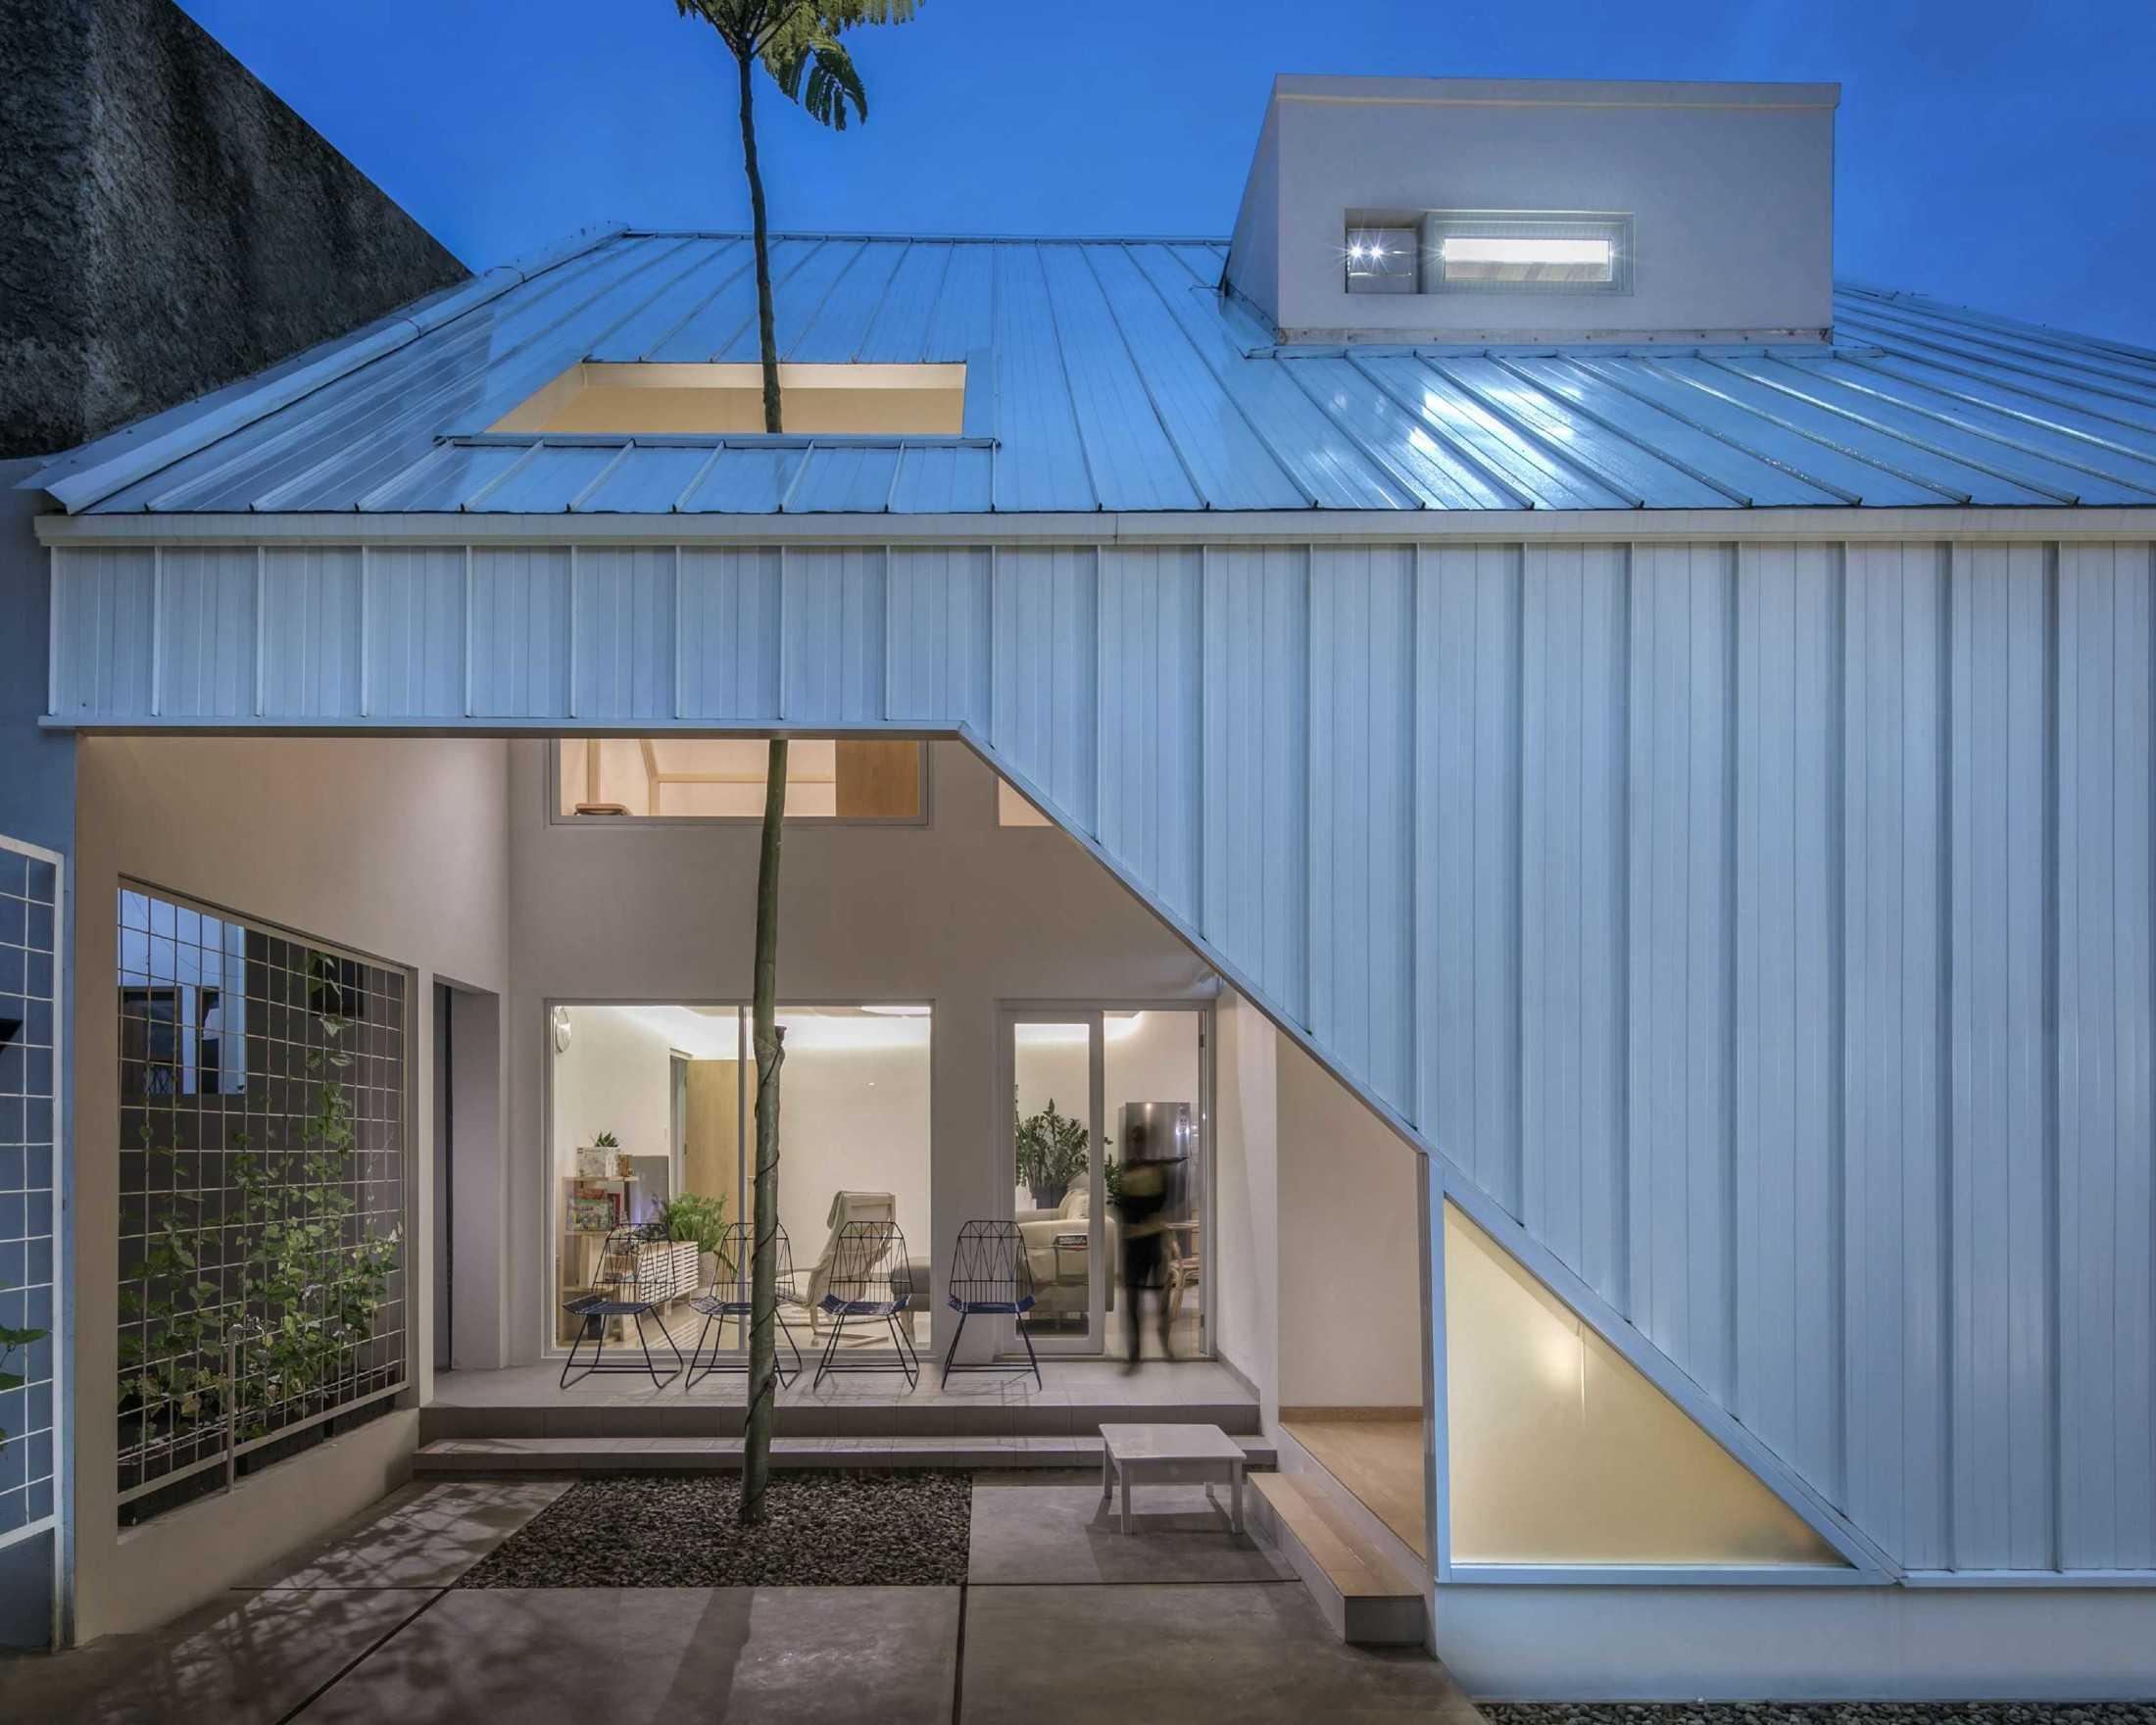 Arsitek: Aaksen Responsible Architecture